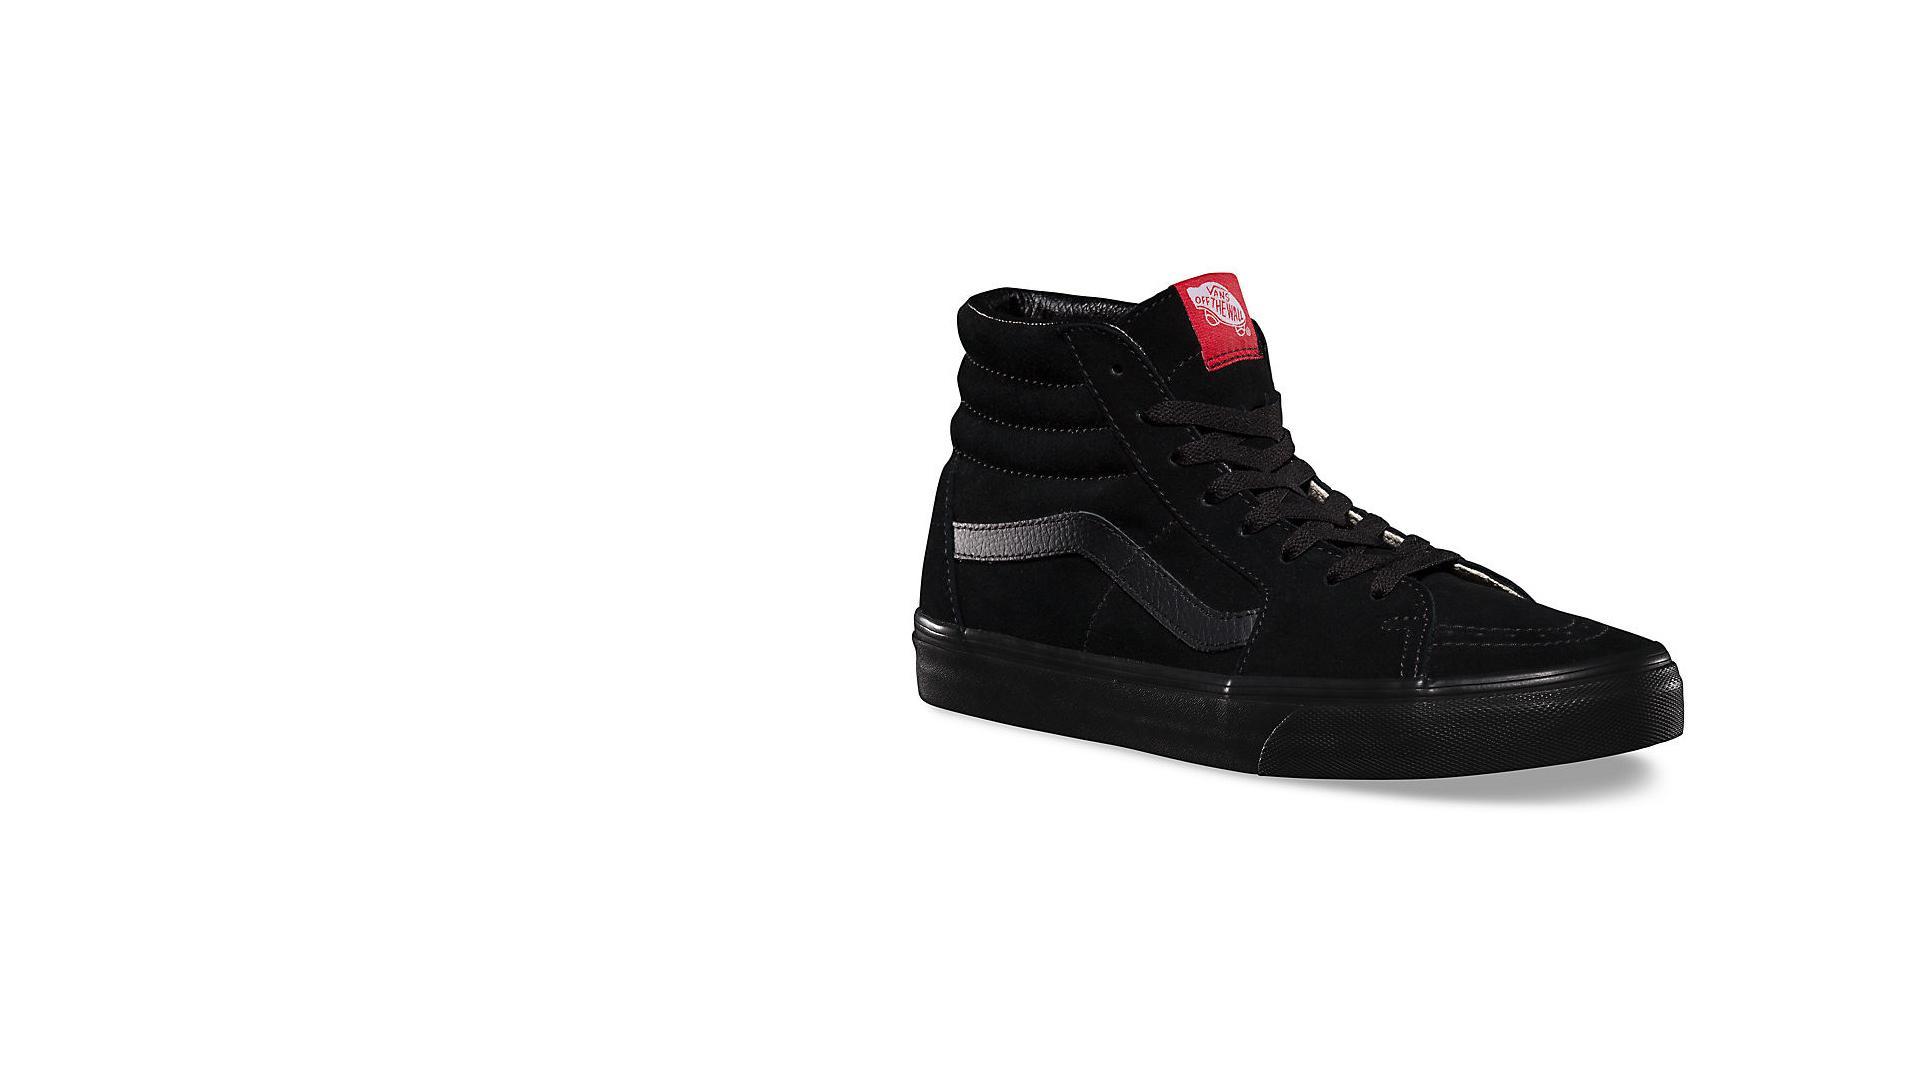 SK8-HI Shoes - George Ezra